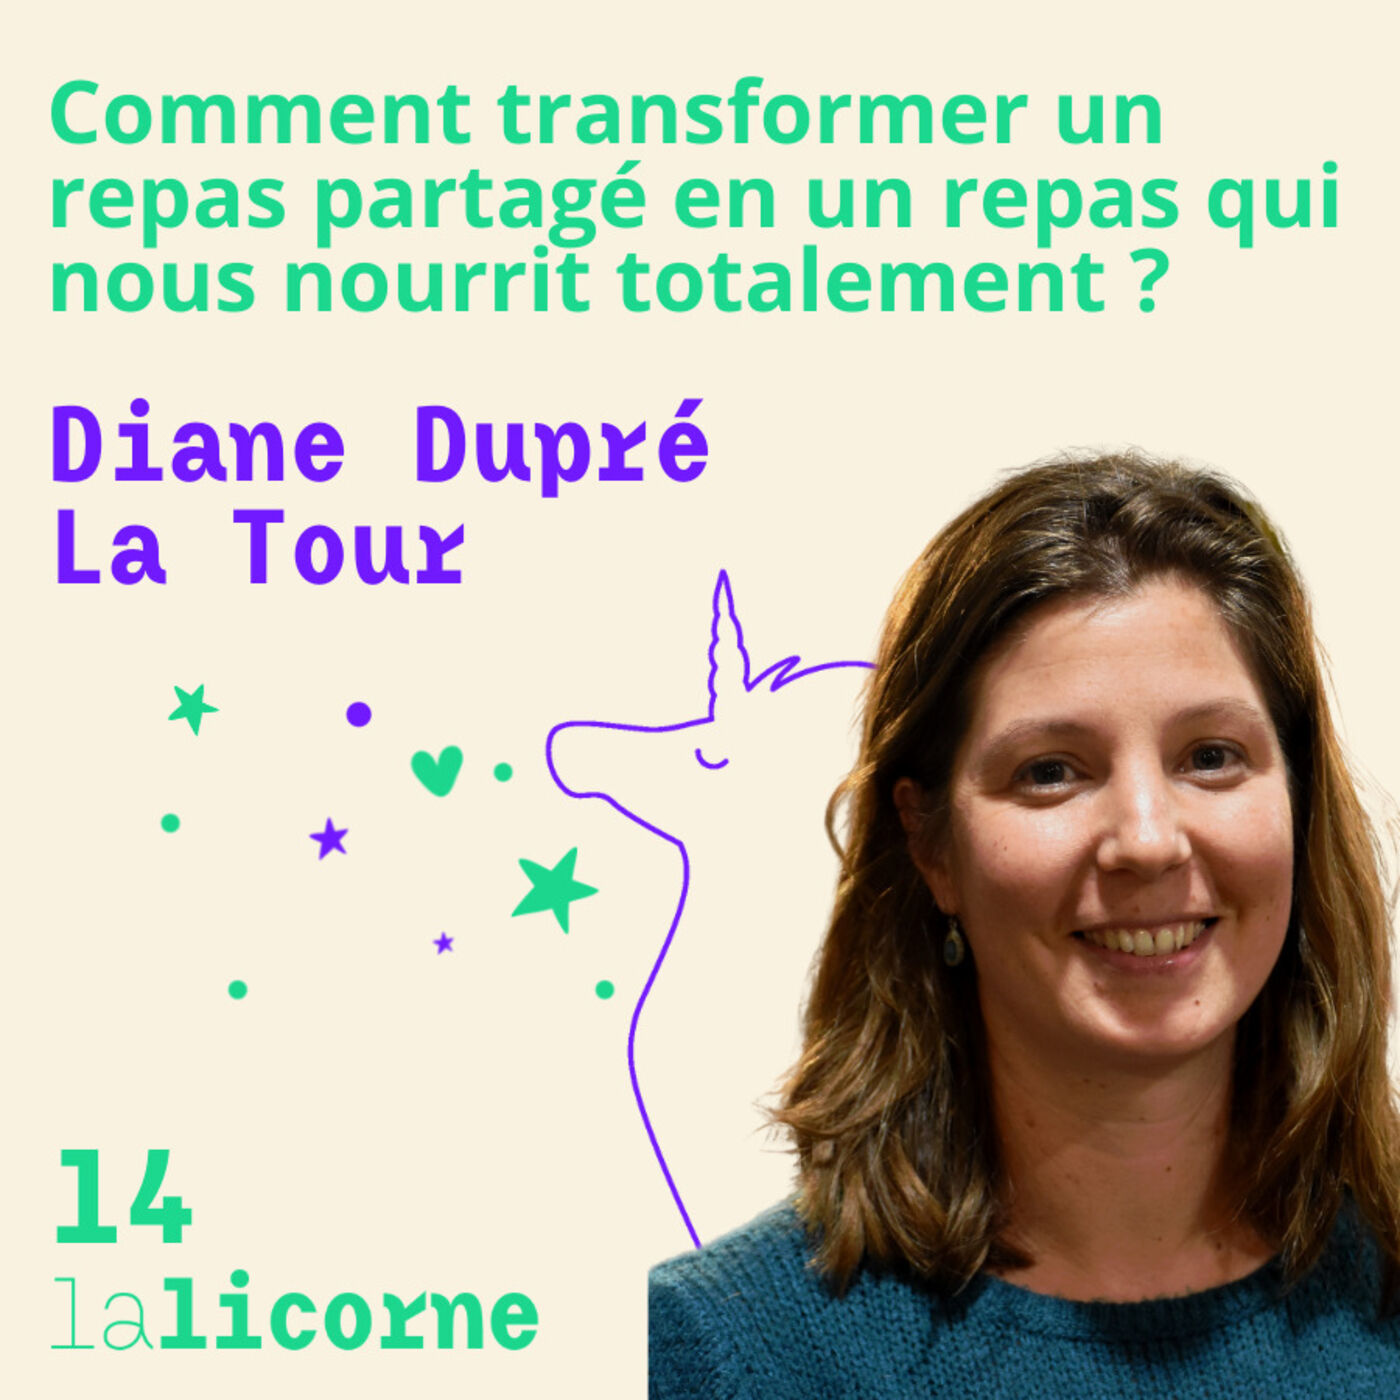 Episode 14 🥗 Diane Dupré La Tour - Comment transformer un repas partagé en un repas qui nous nourrit totalement ?